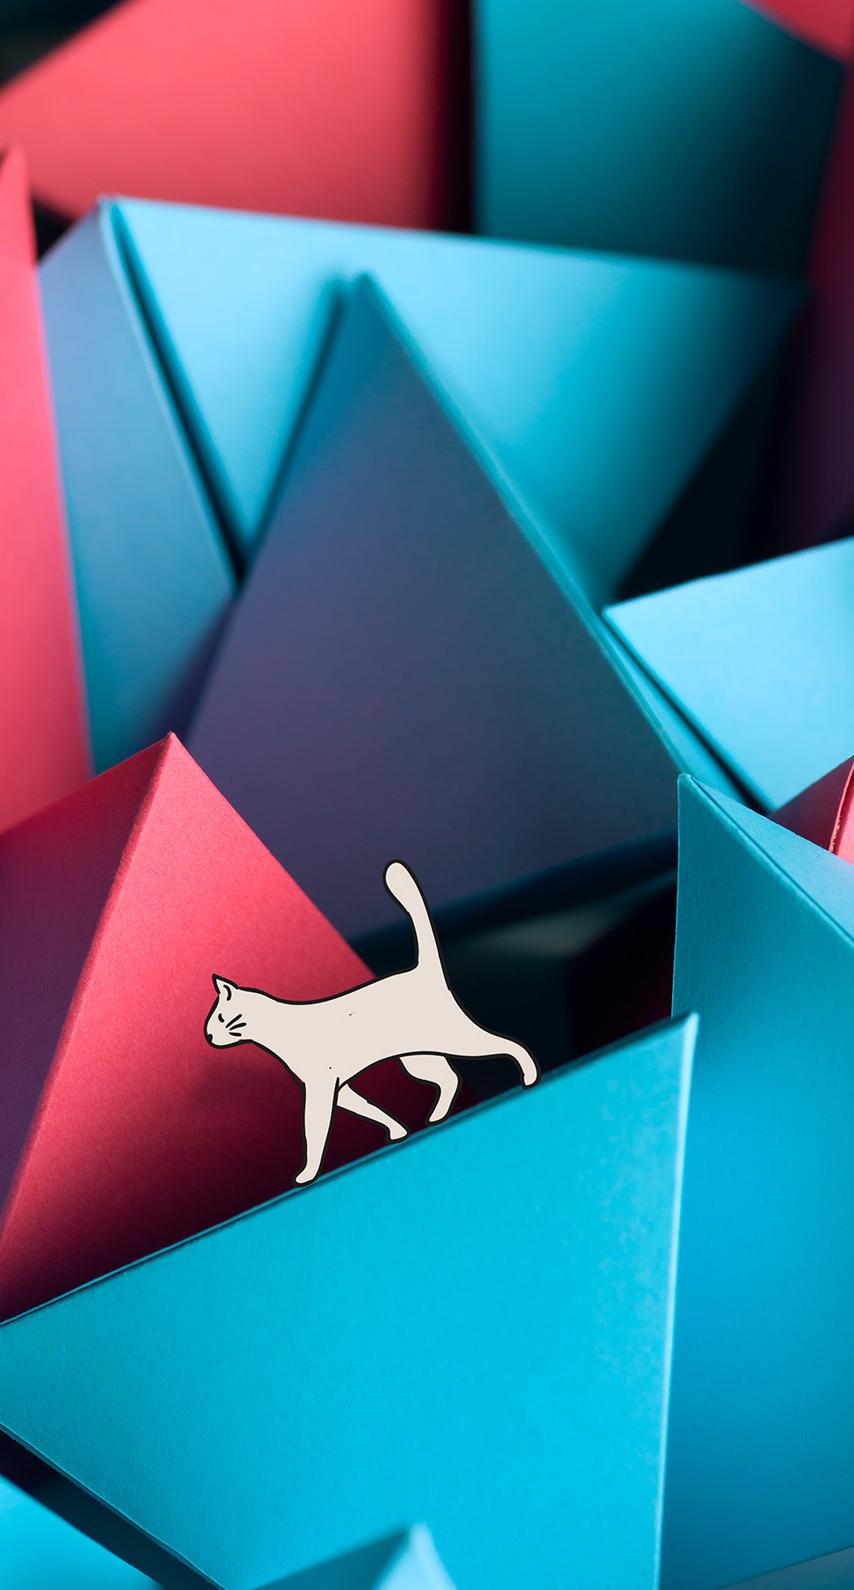 origami, computer wallpaper